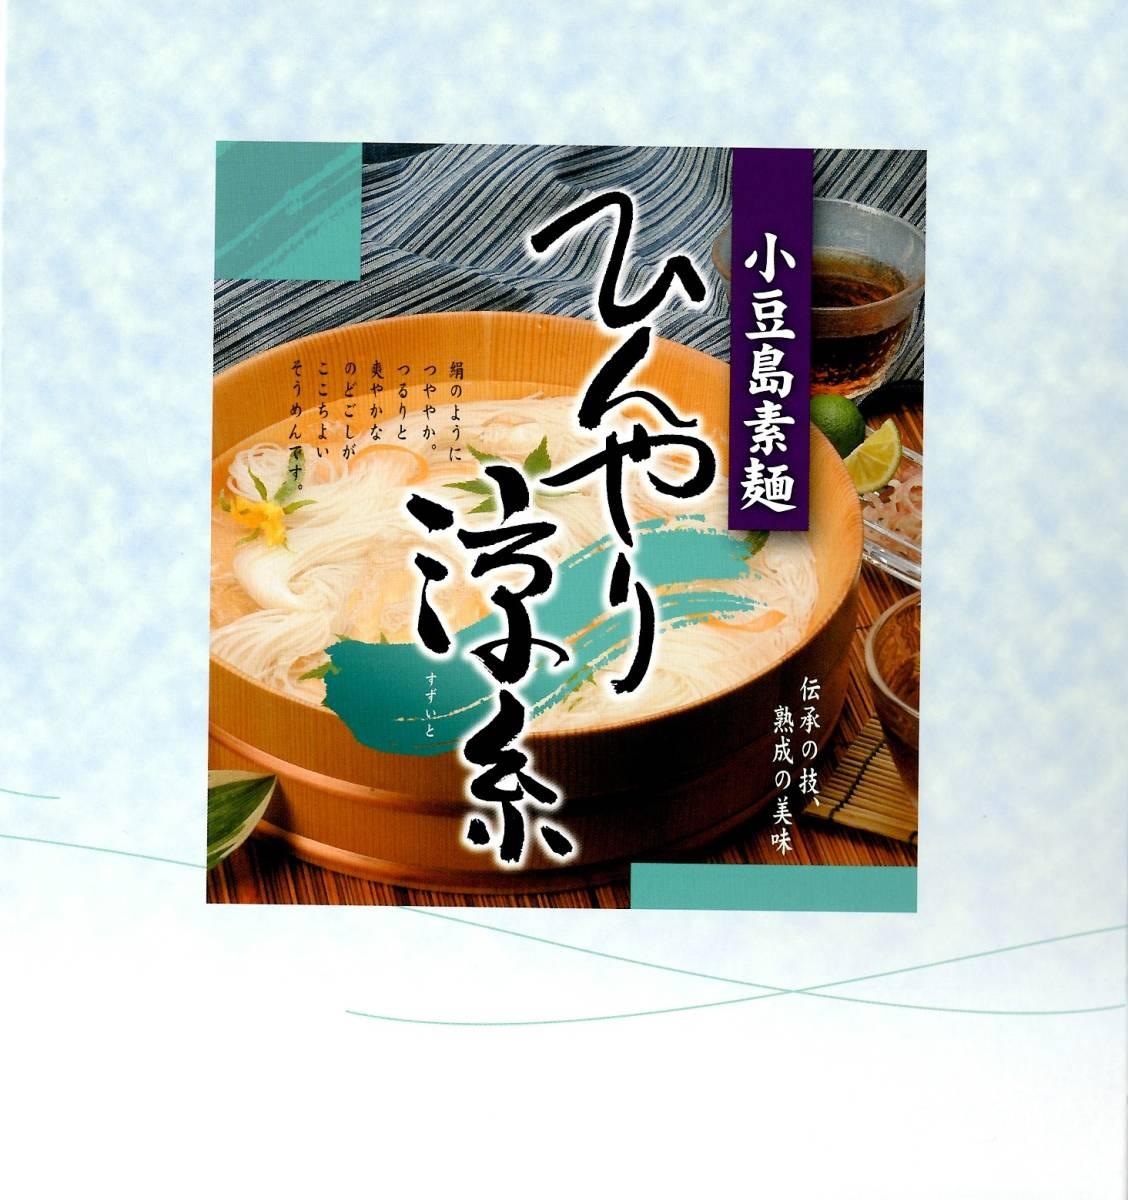 【箱潰し】【計750g(250g×3袋入り)】小豆島素麺 ひんやり涼糸 伝承の技、熟成の美味 絹のようにつややか。つるりと爽やかなのどごし_画像1